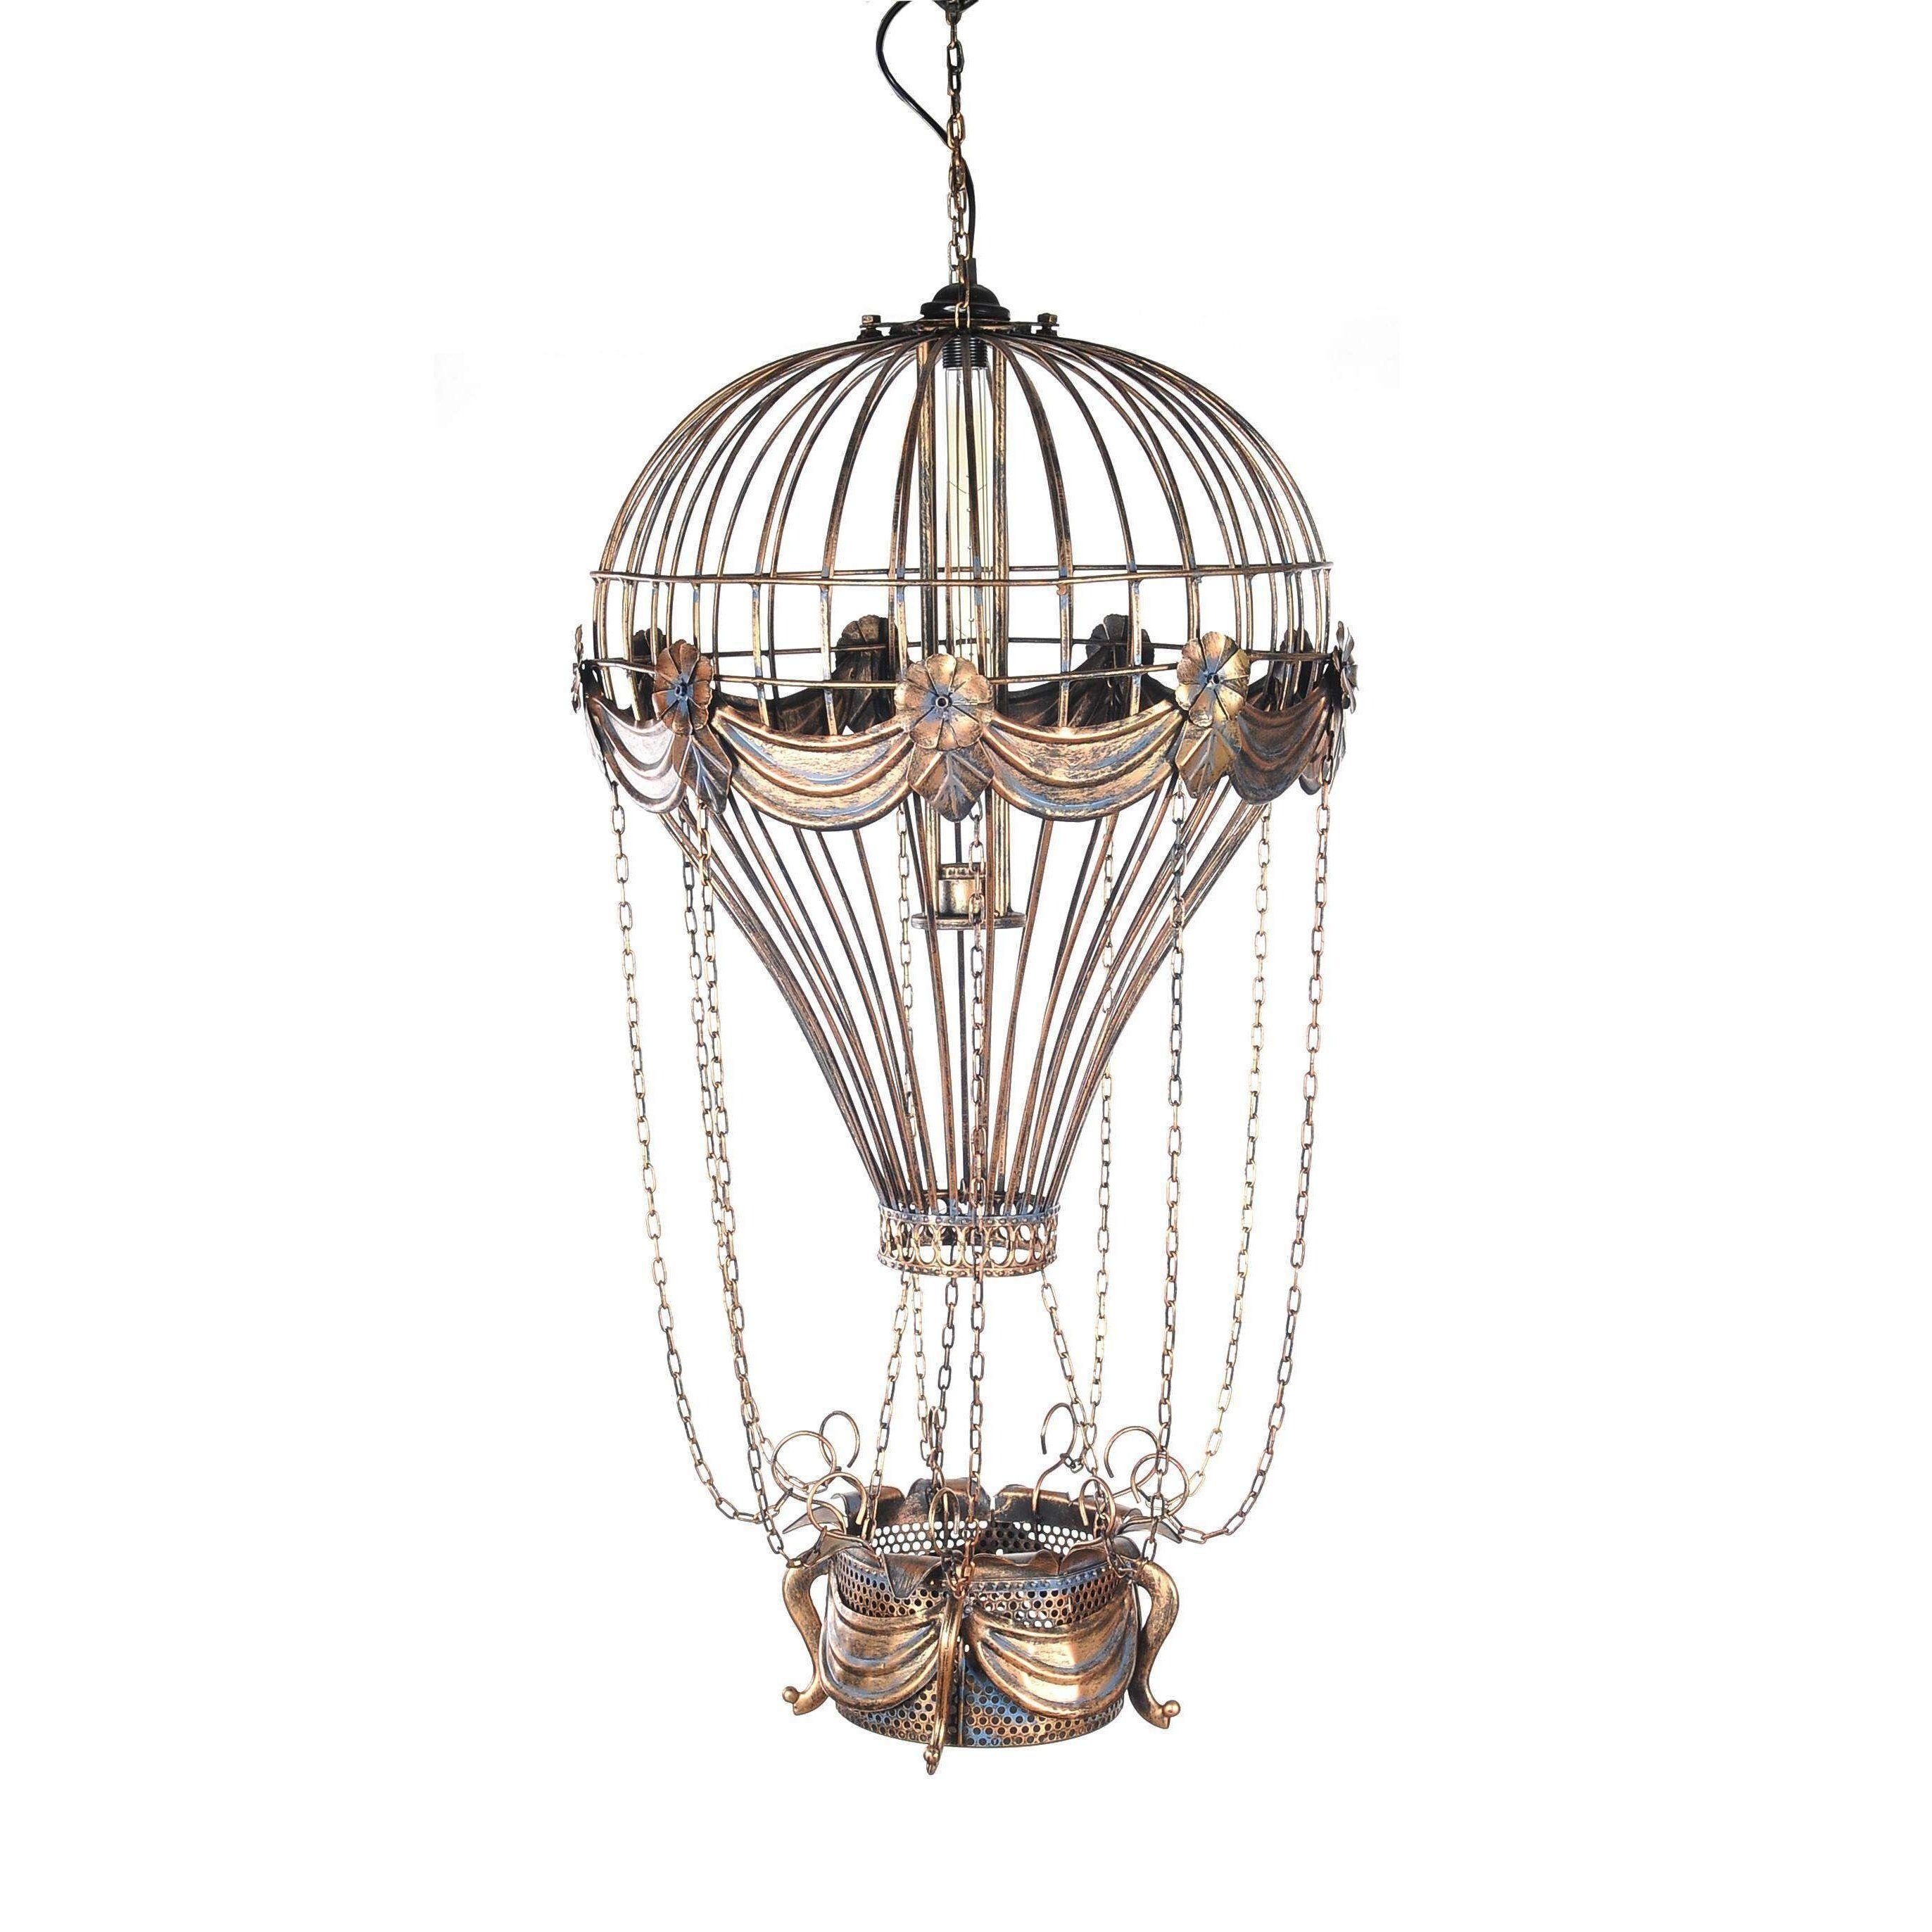 air chandelier category hammocks the baked honey hot balloon turkey cappadocia